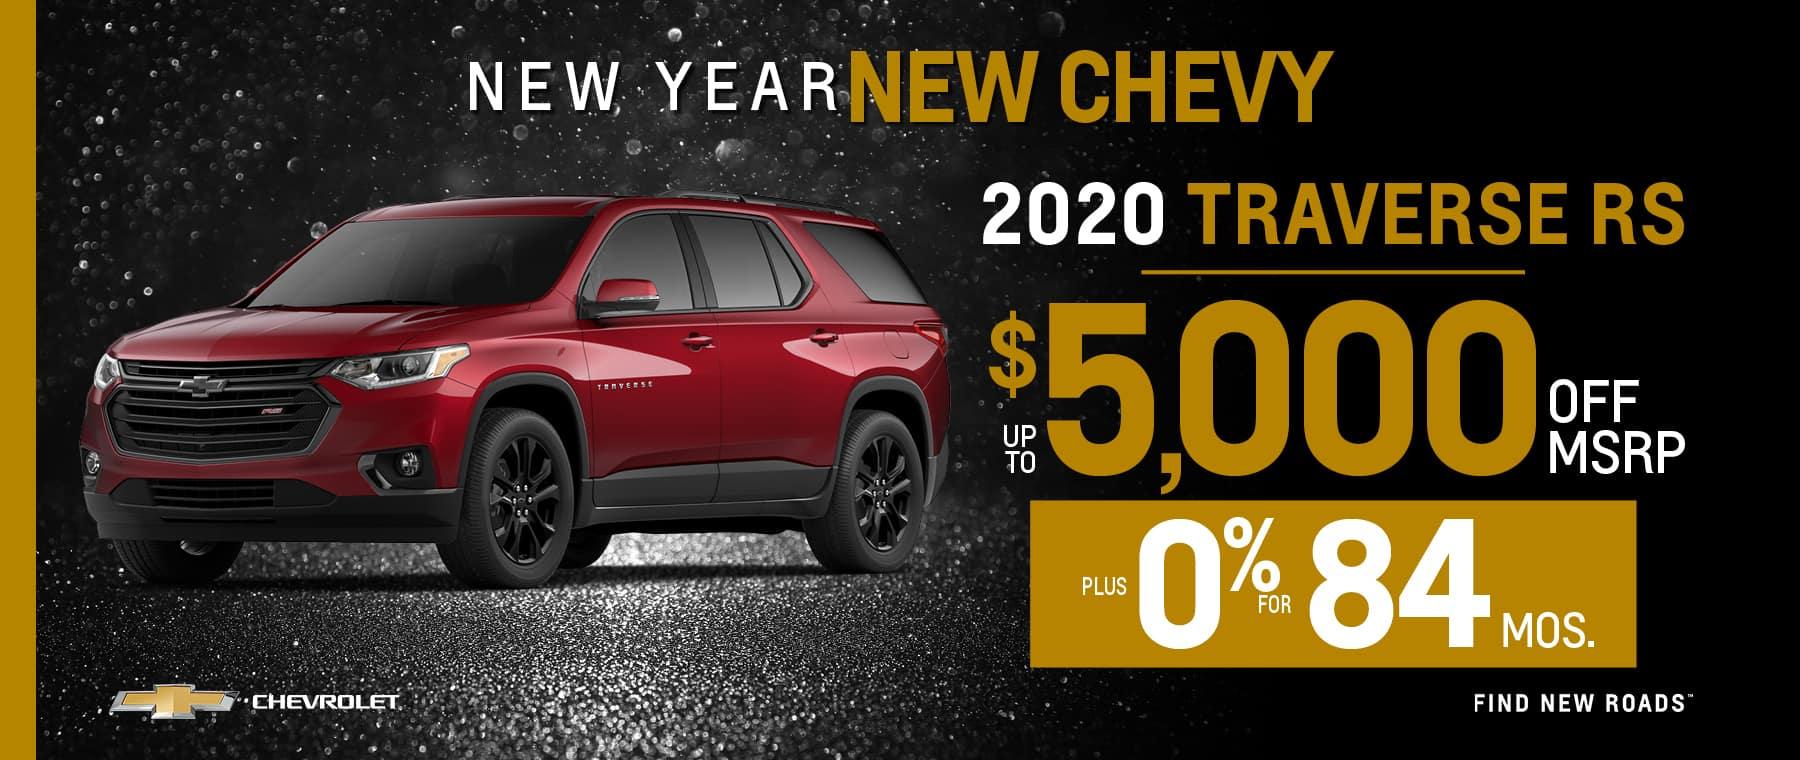 54507-WB-COWC New Year New Chevy 1800x760_v23